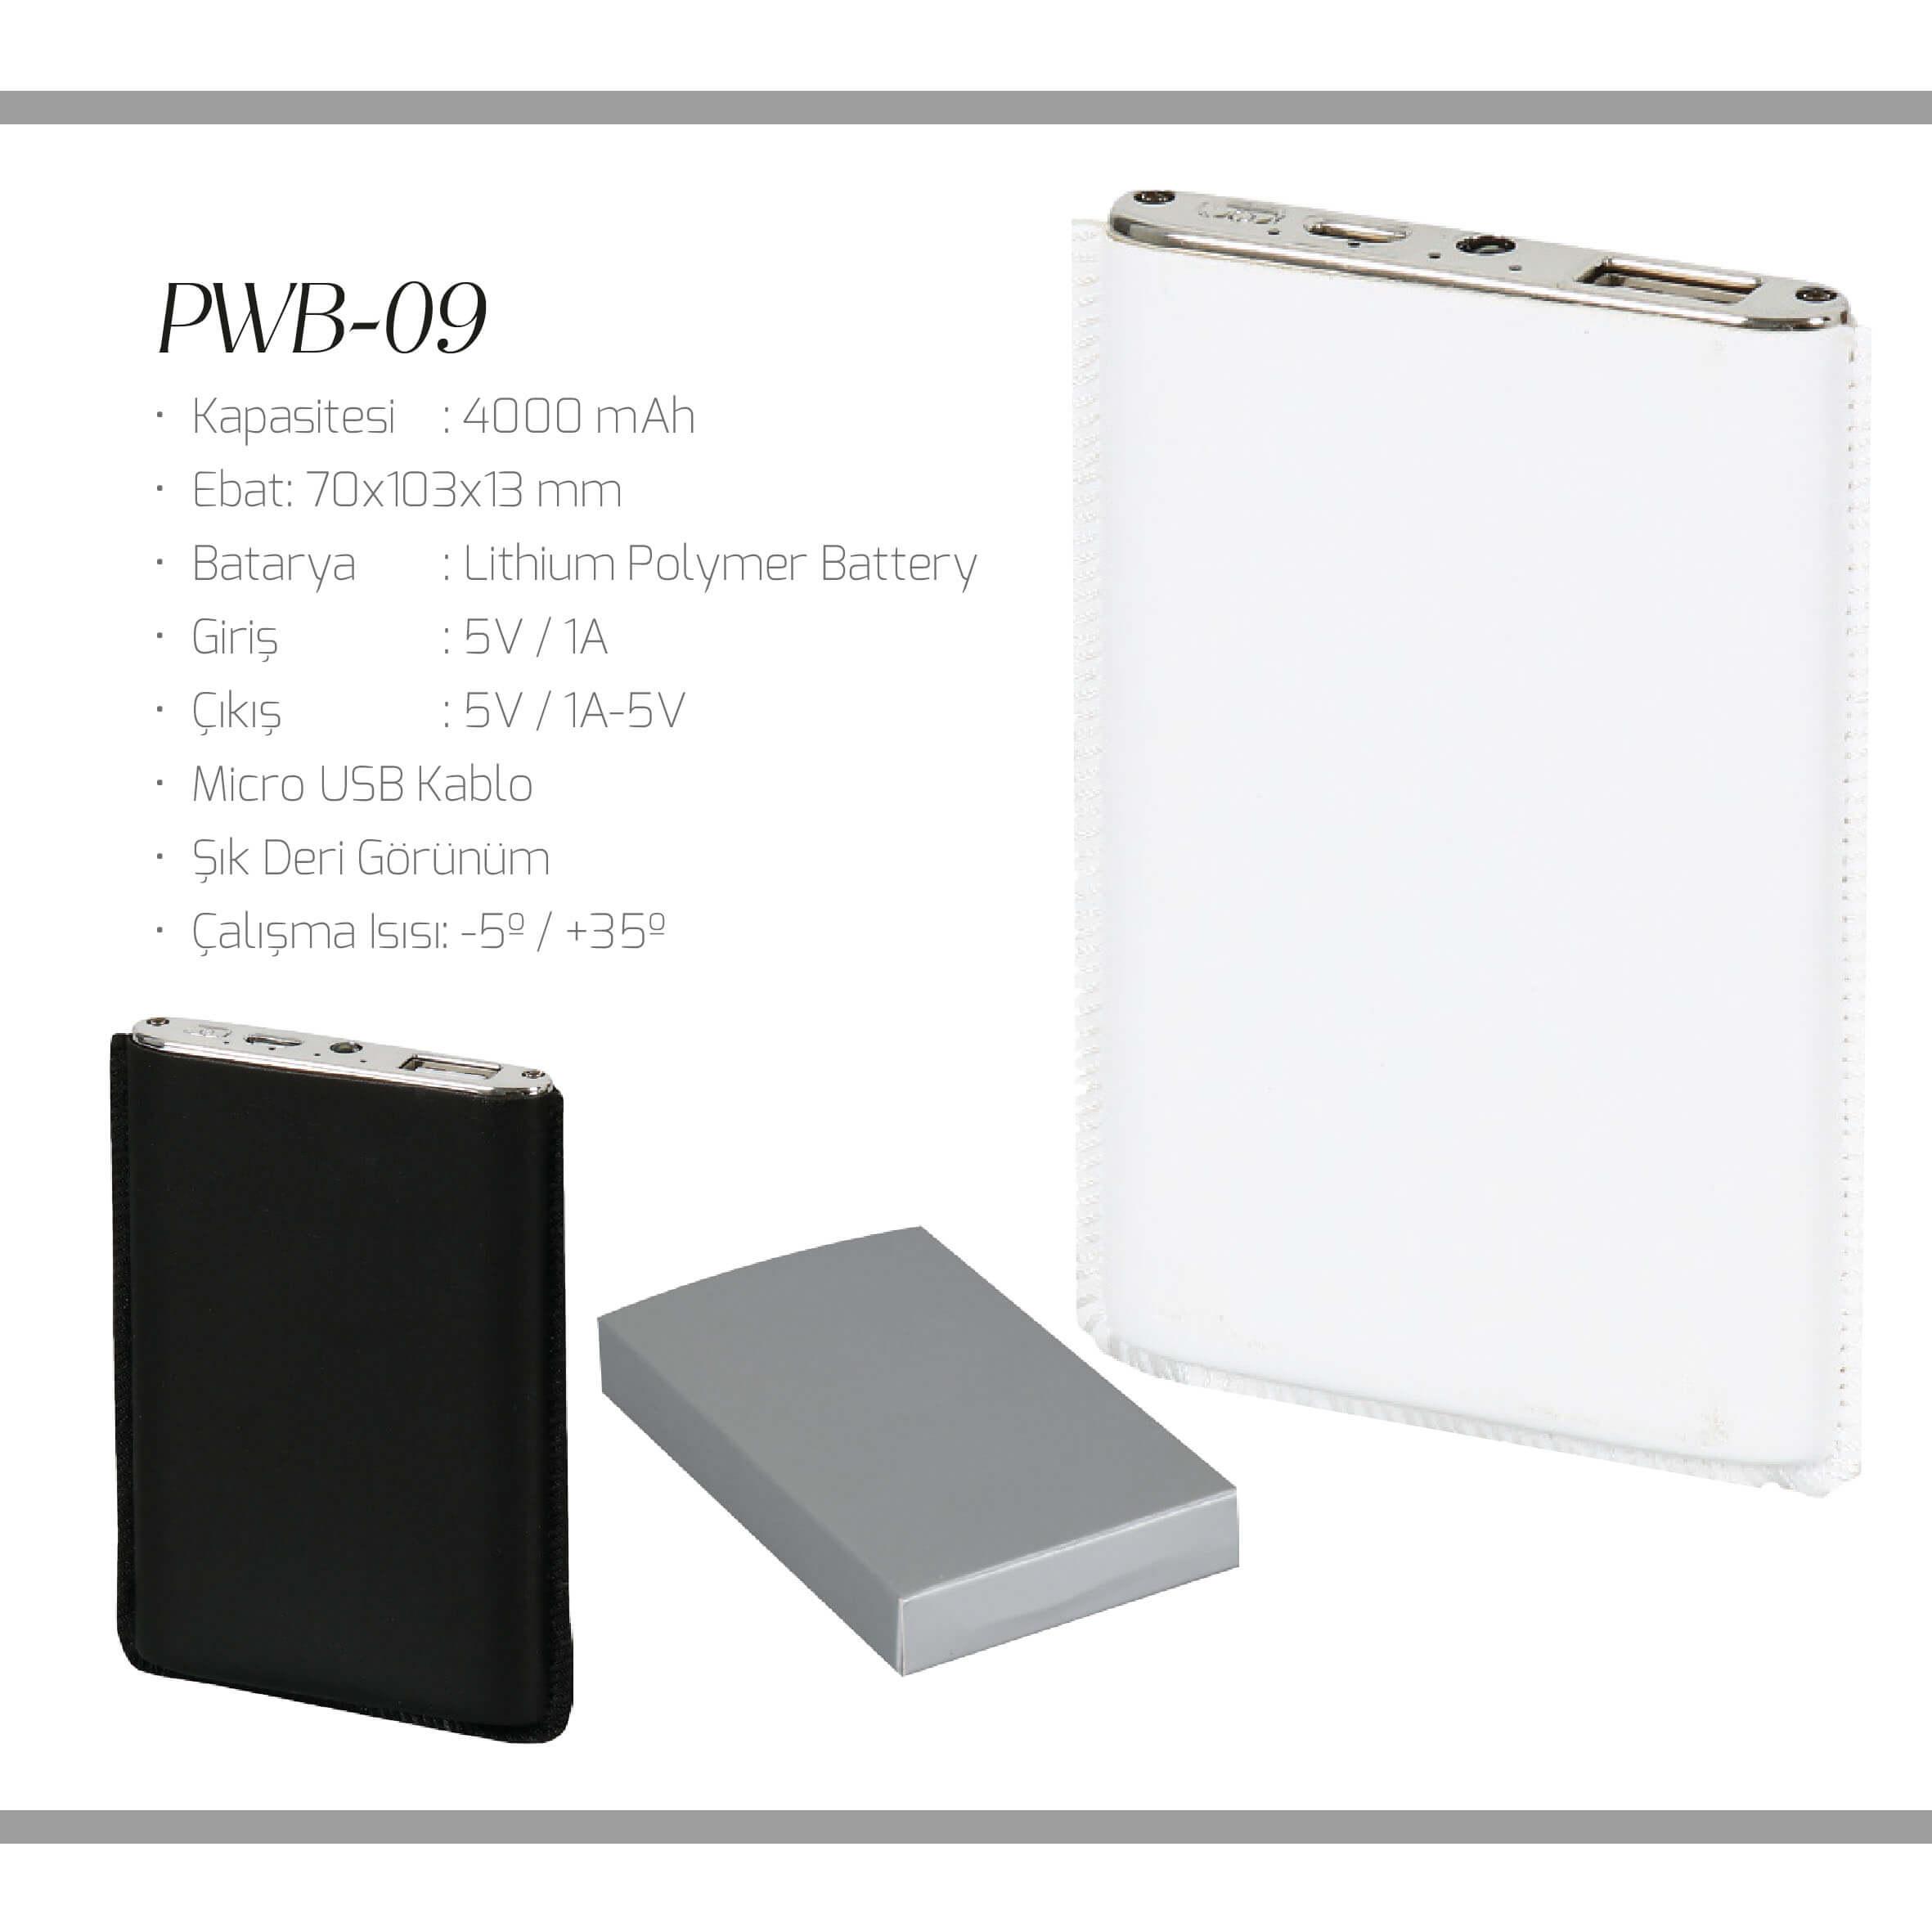 promosyon-promosyon ürünleri-powerbank-promosyon pwb-09